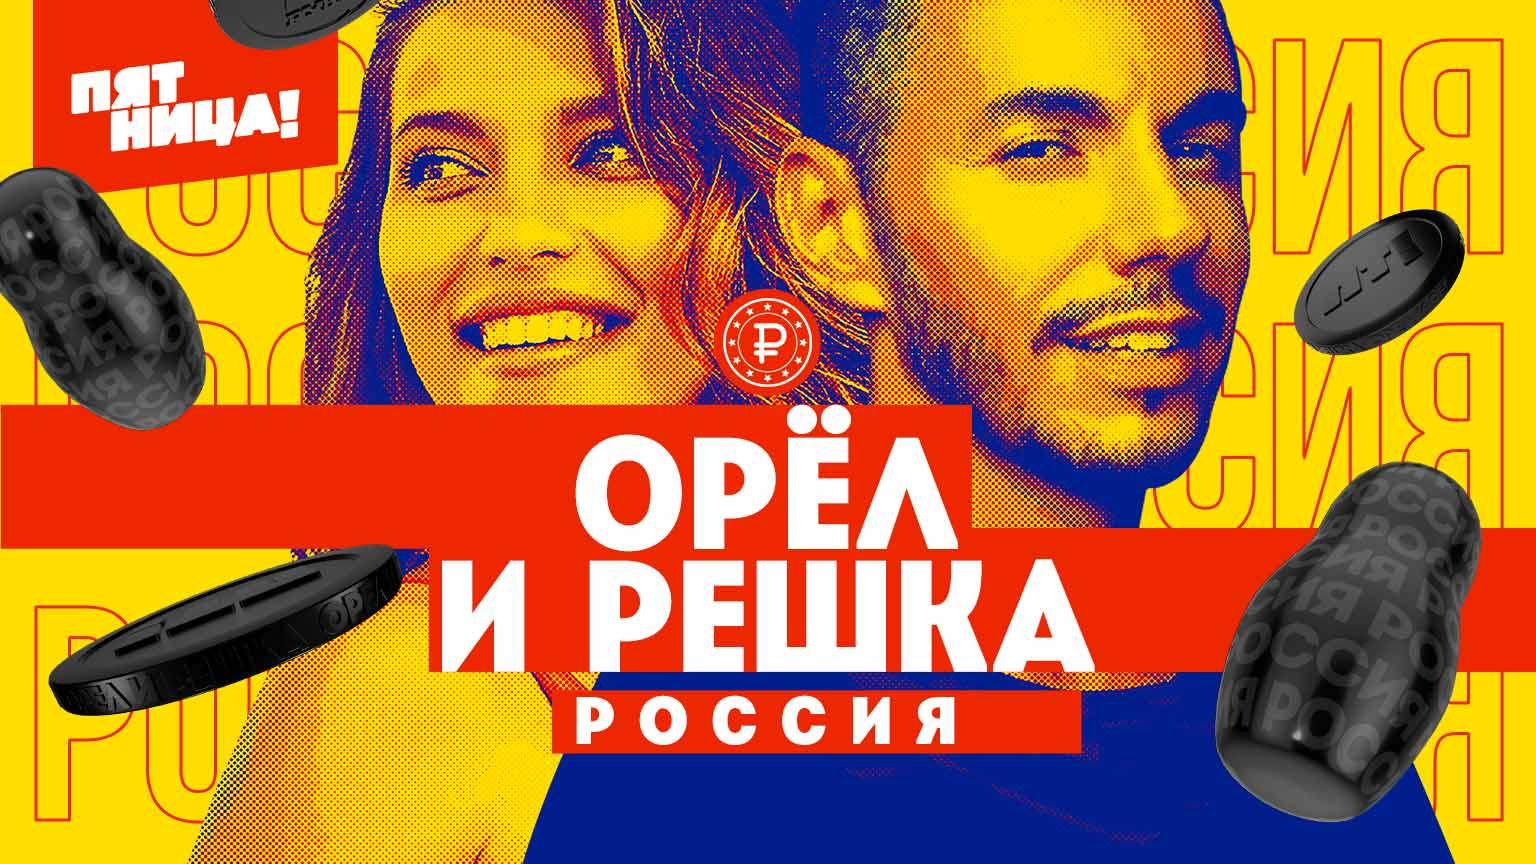 Орел и решка Россия_Промобаннер